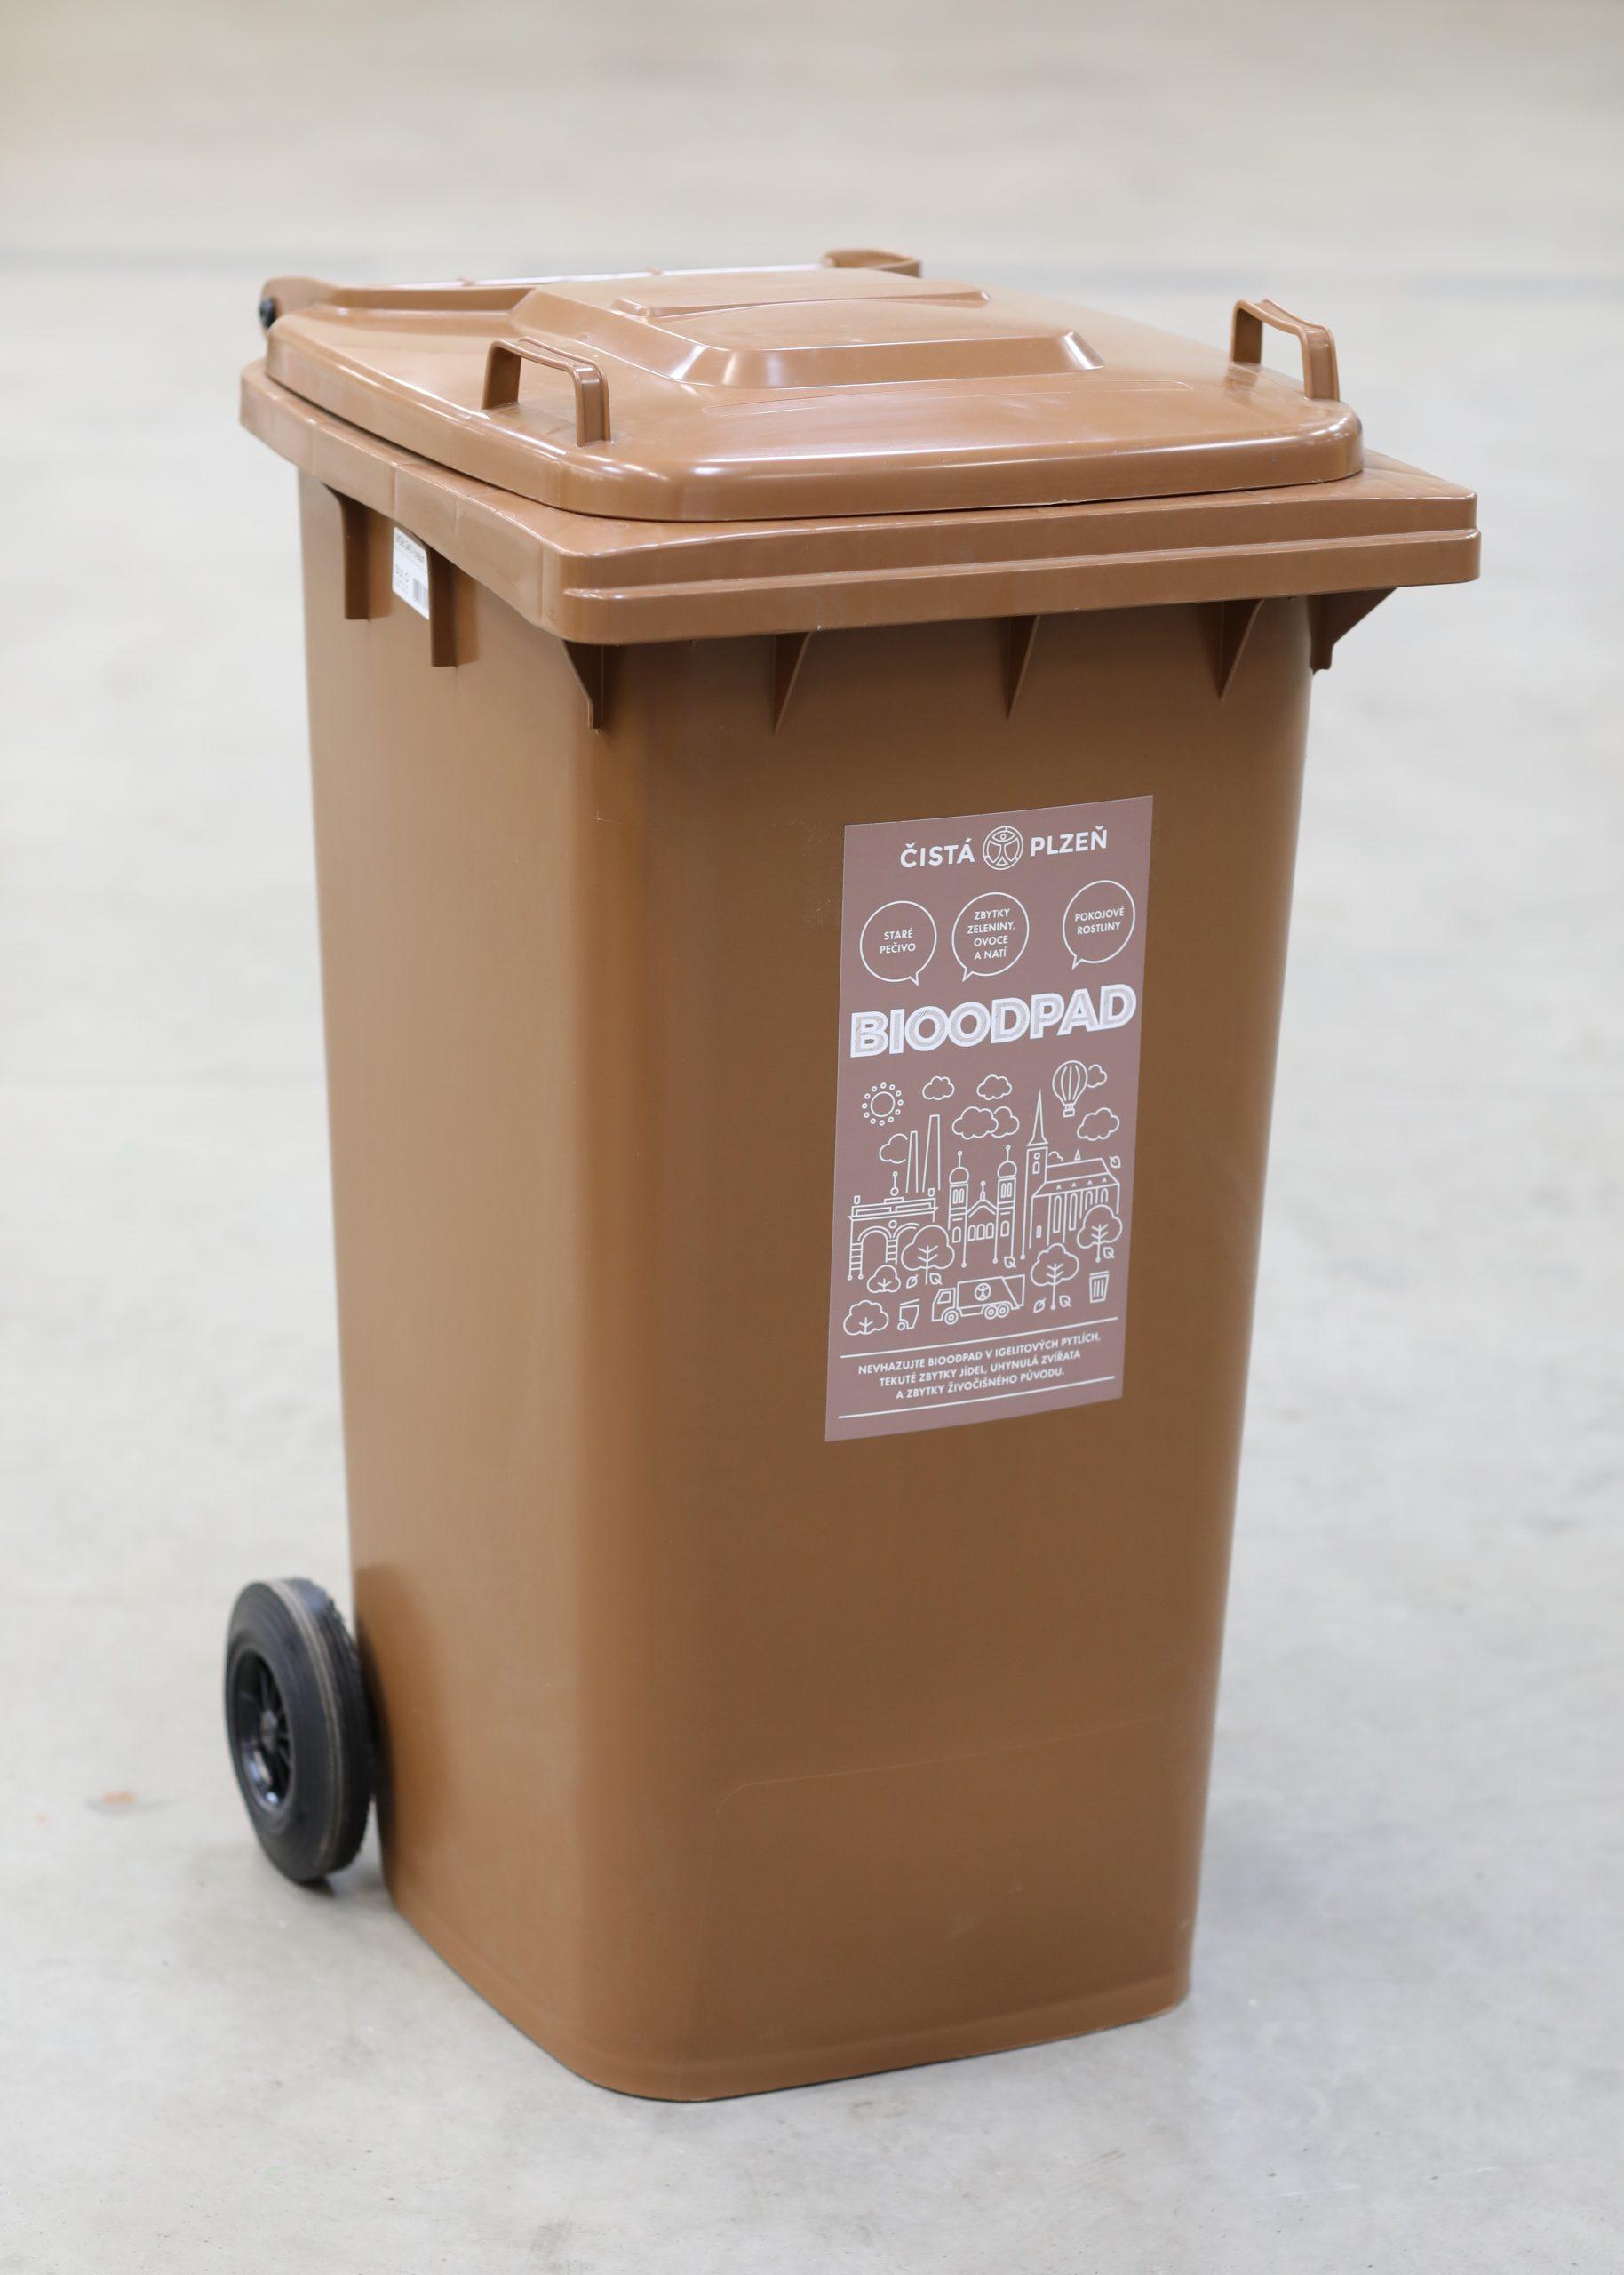 Hnědé nádoby na bioodpad – řešení pro odpad ze zahrad